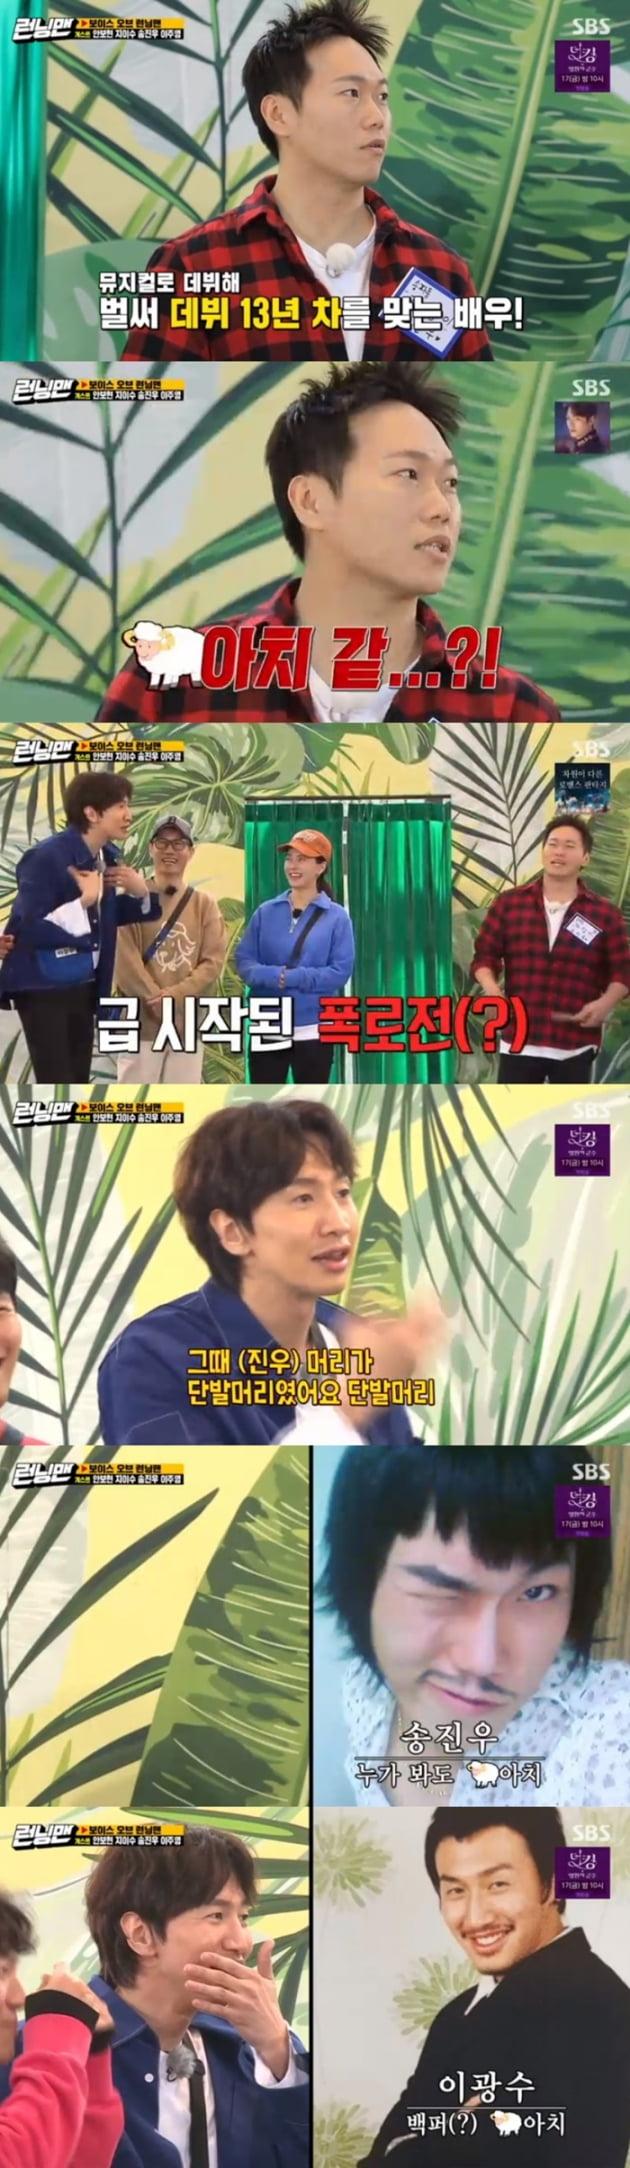 '런닝맨' 송진우 이광수 / 사진 = SBS 영상 캡처